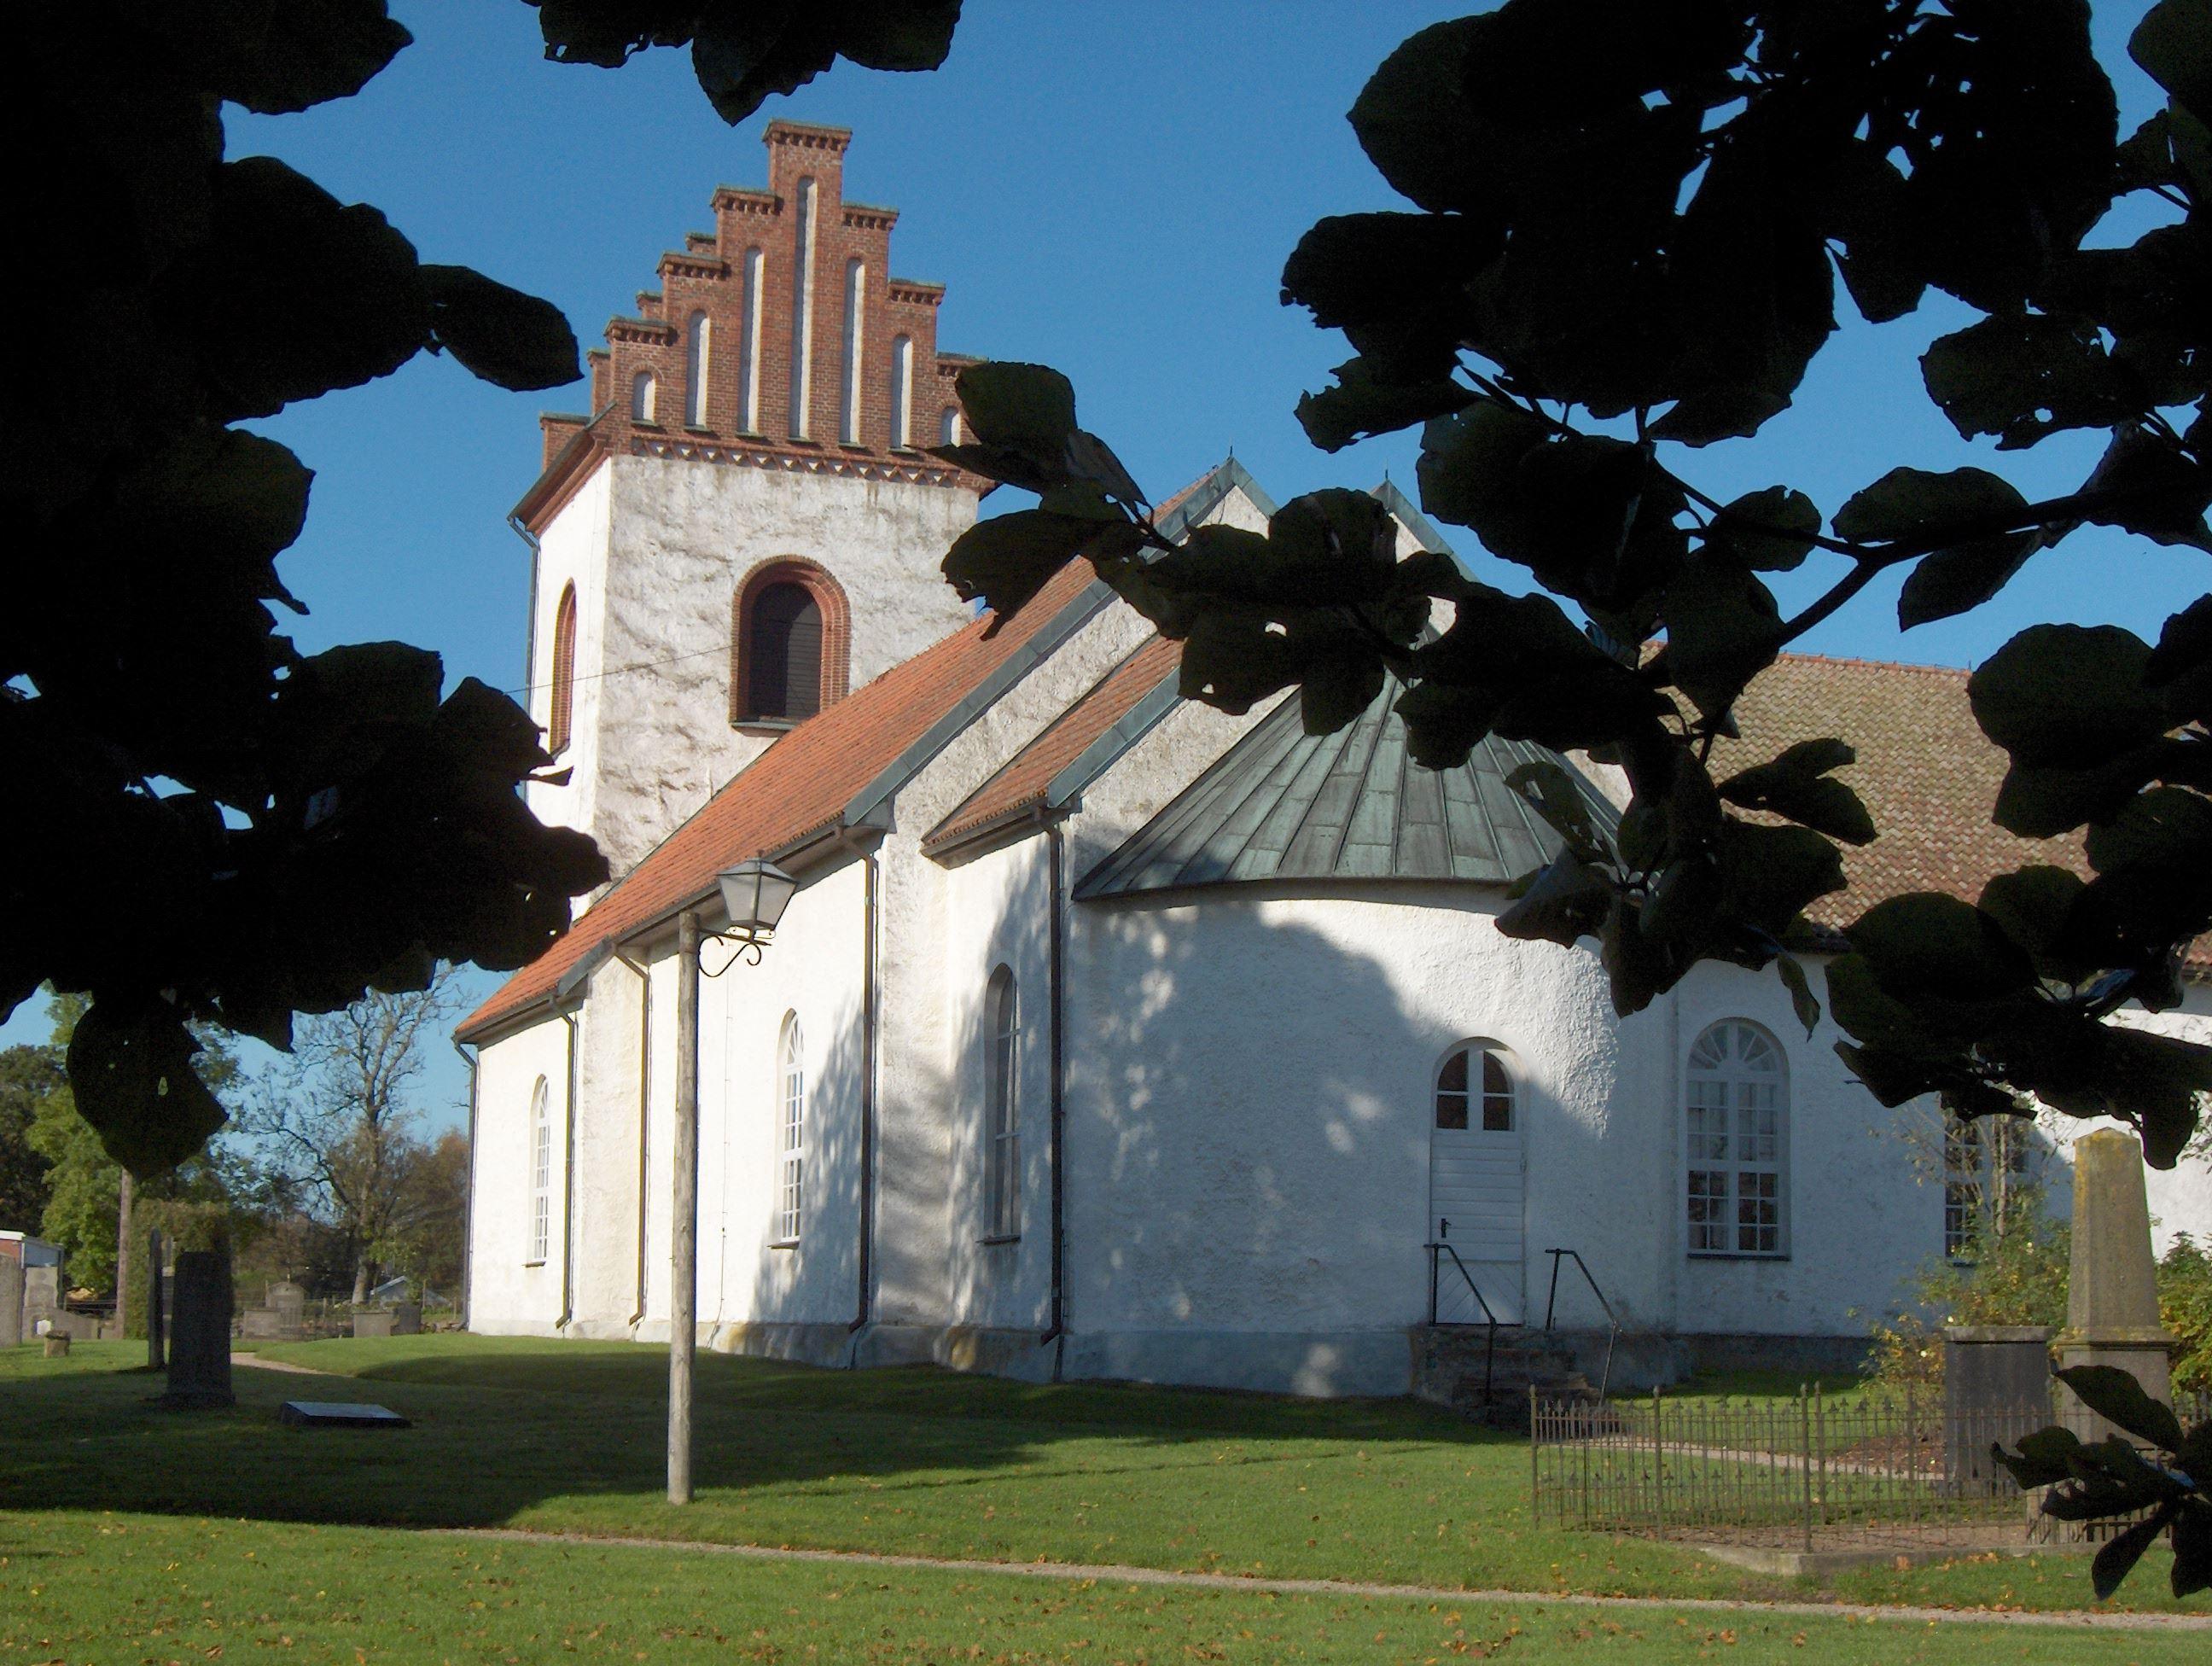 Stoby kyrka